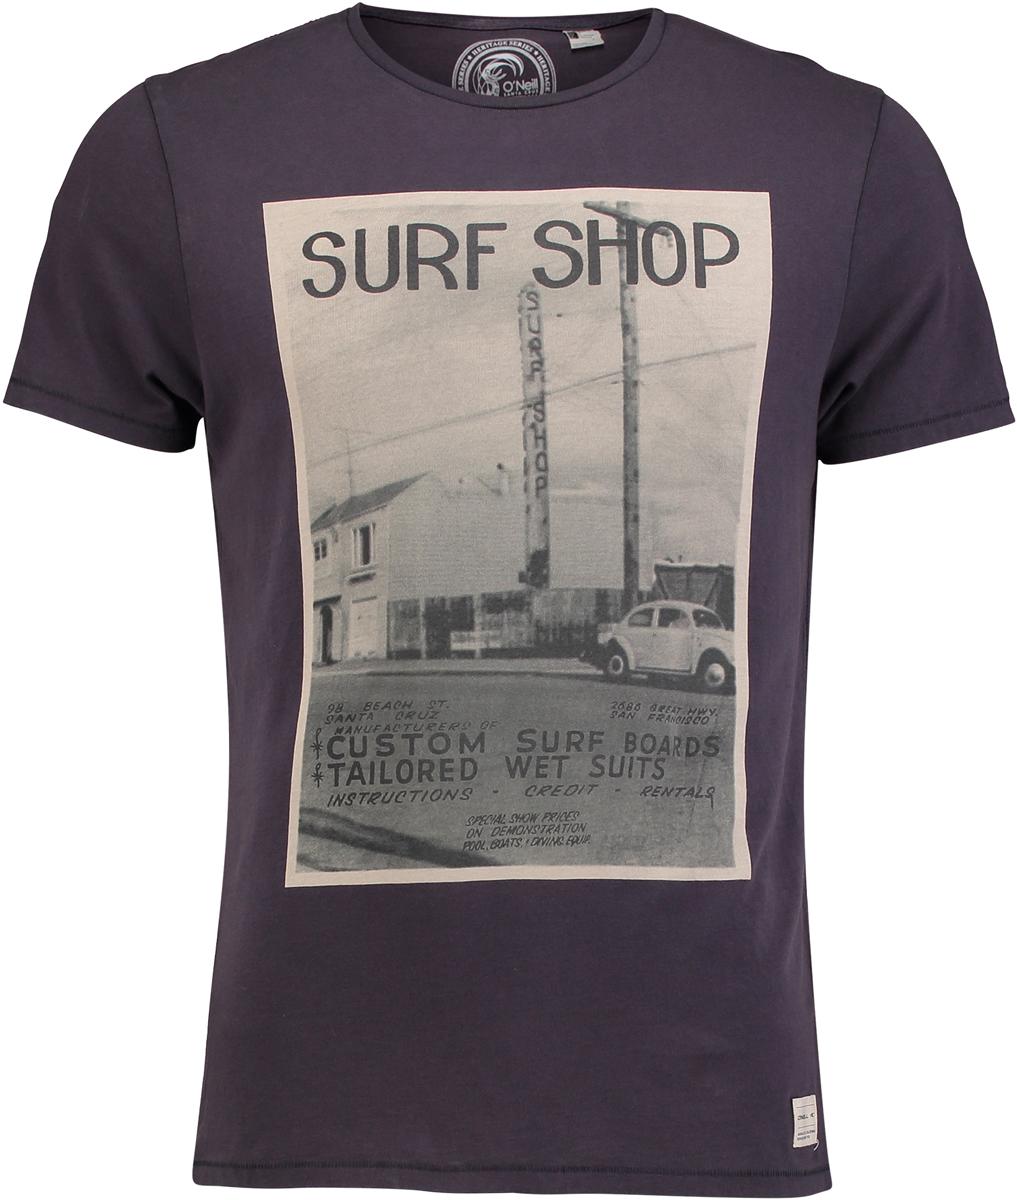 Футболка мужская O'Neill Lm The 50's T-Shirt, цвет: темно-серый. 7A2320-8026. Размер XXL (54/56) мужская футболка t shirt tmt t s 2xl 160030